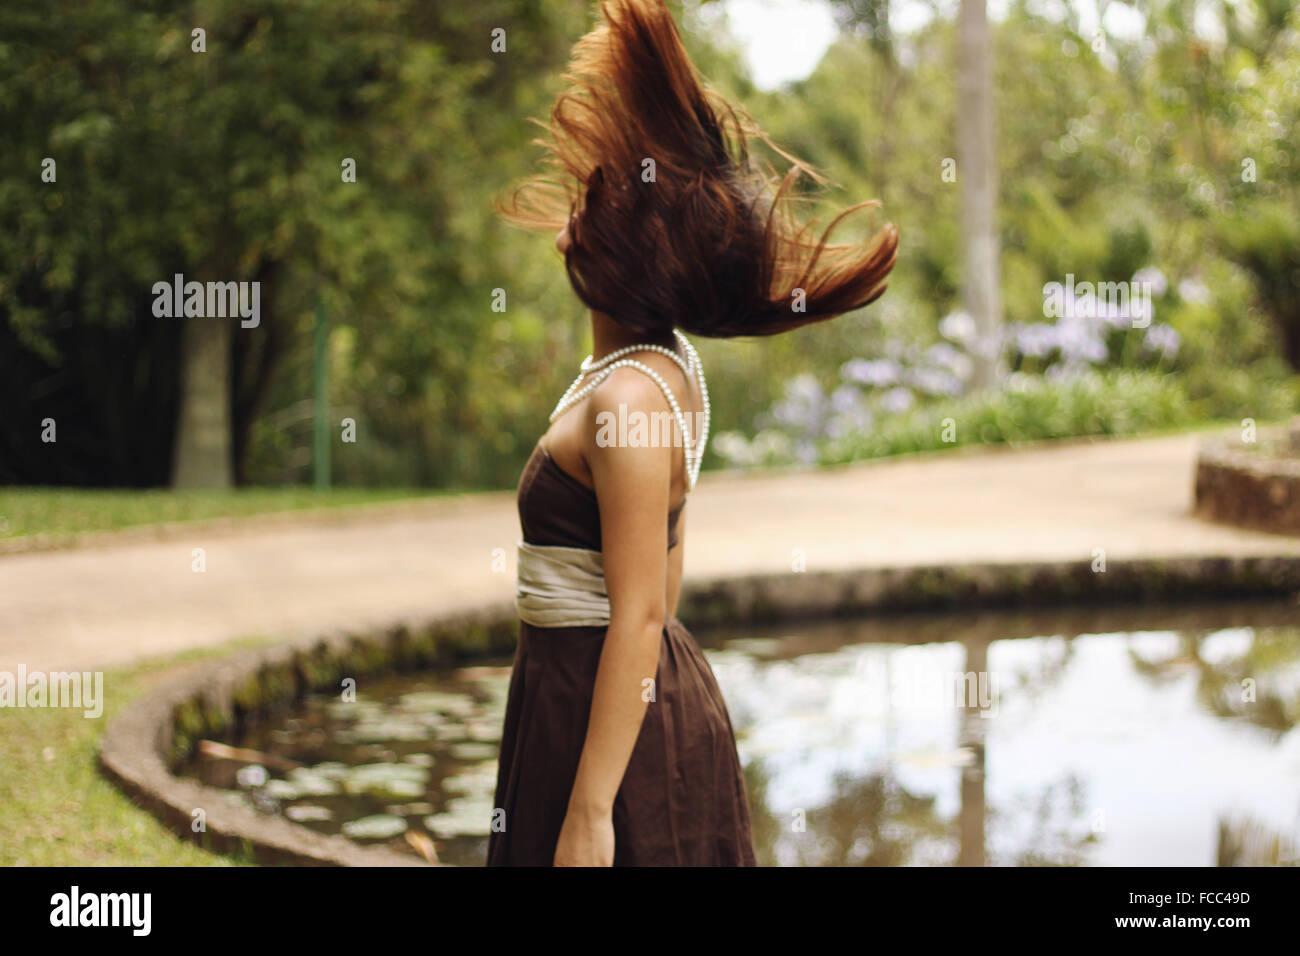 Vista laterale di una donna con soffiata marrone capelli dal lago di campagna Immagini Stock